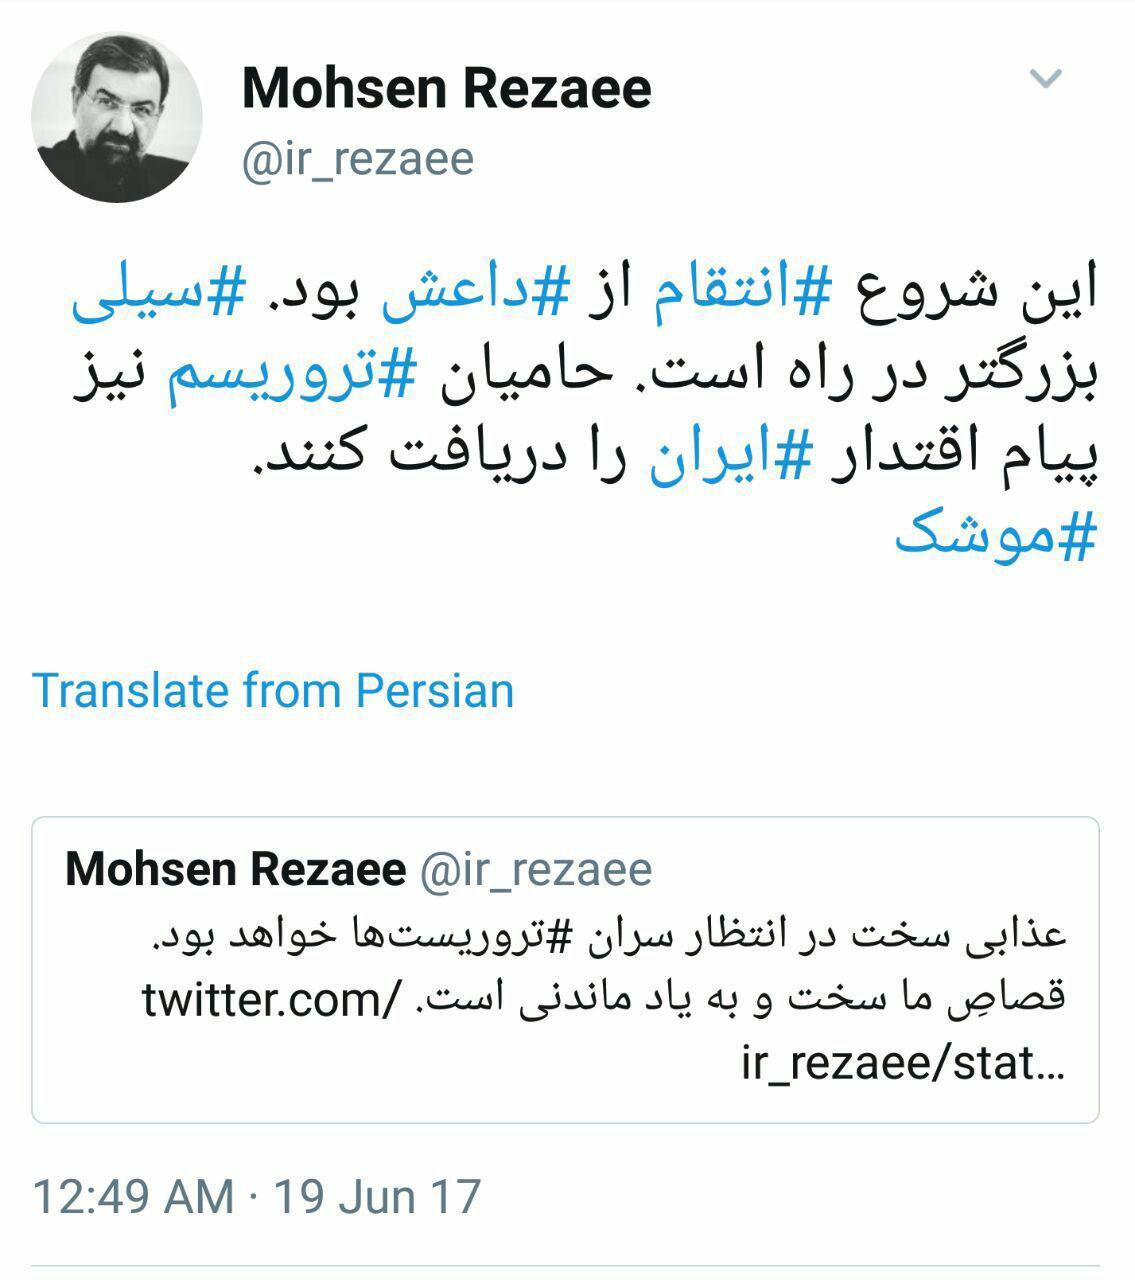 پیام محسن رضایی درپی حمله موشکی سپاه به داعش